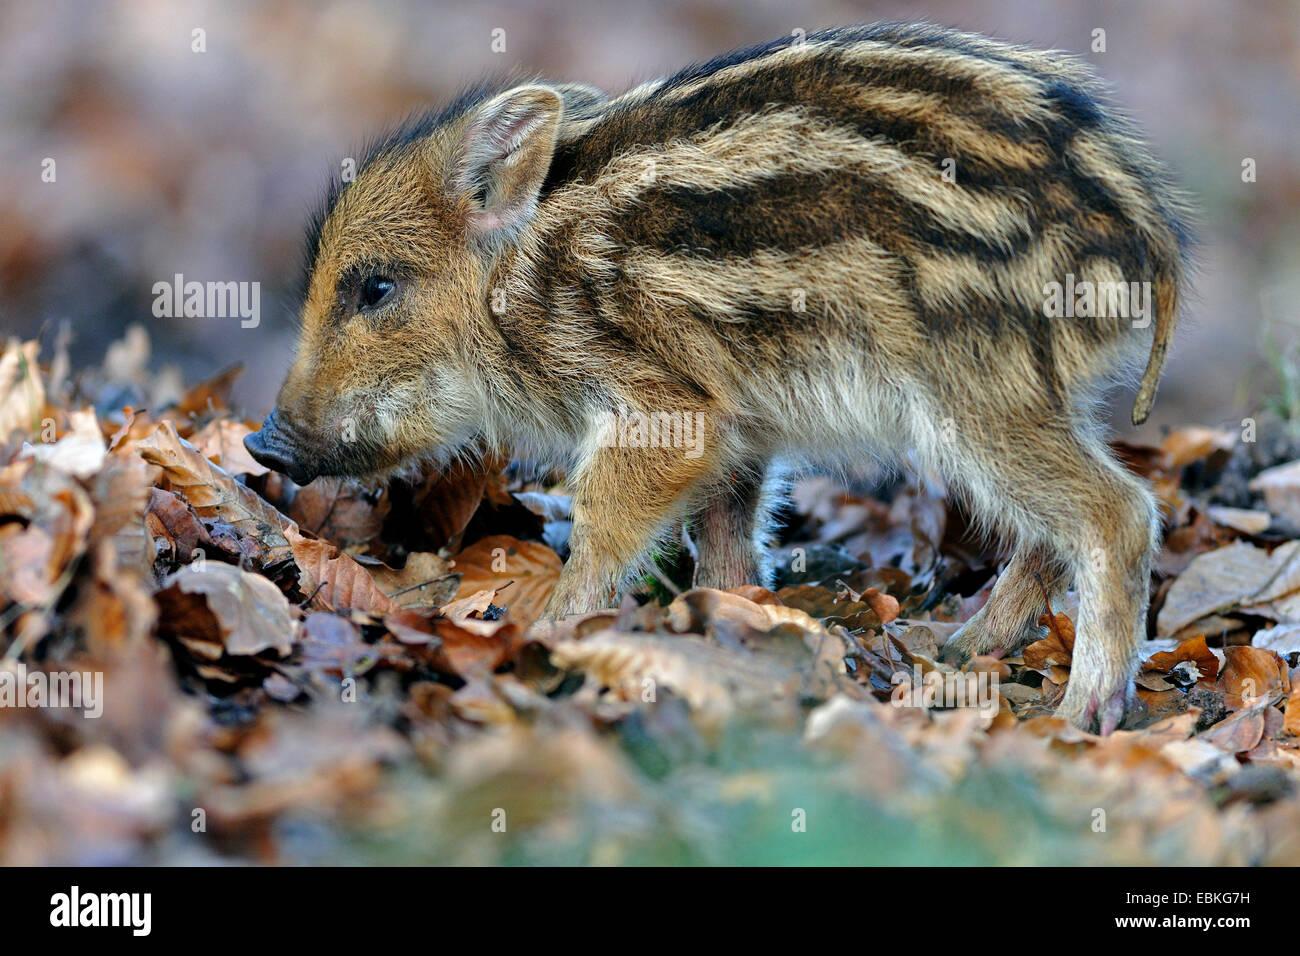 Le sanglier, le porc, le sanglier (Sus scrofa), sur l'alimentation animale, shote Allemagne Banque D'Images